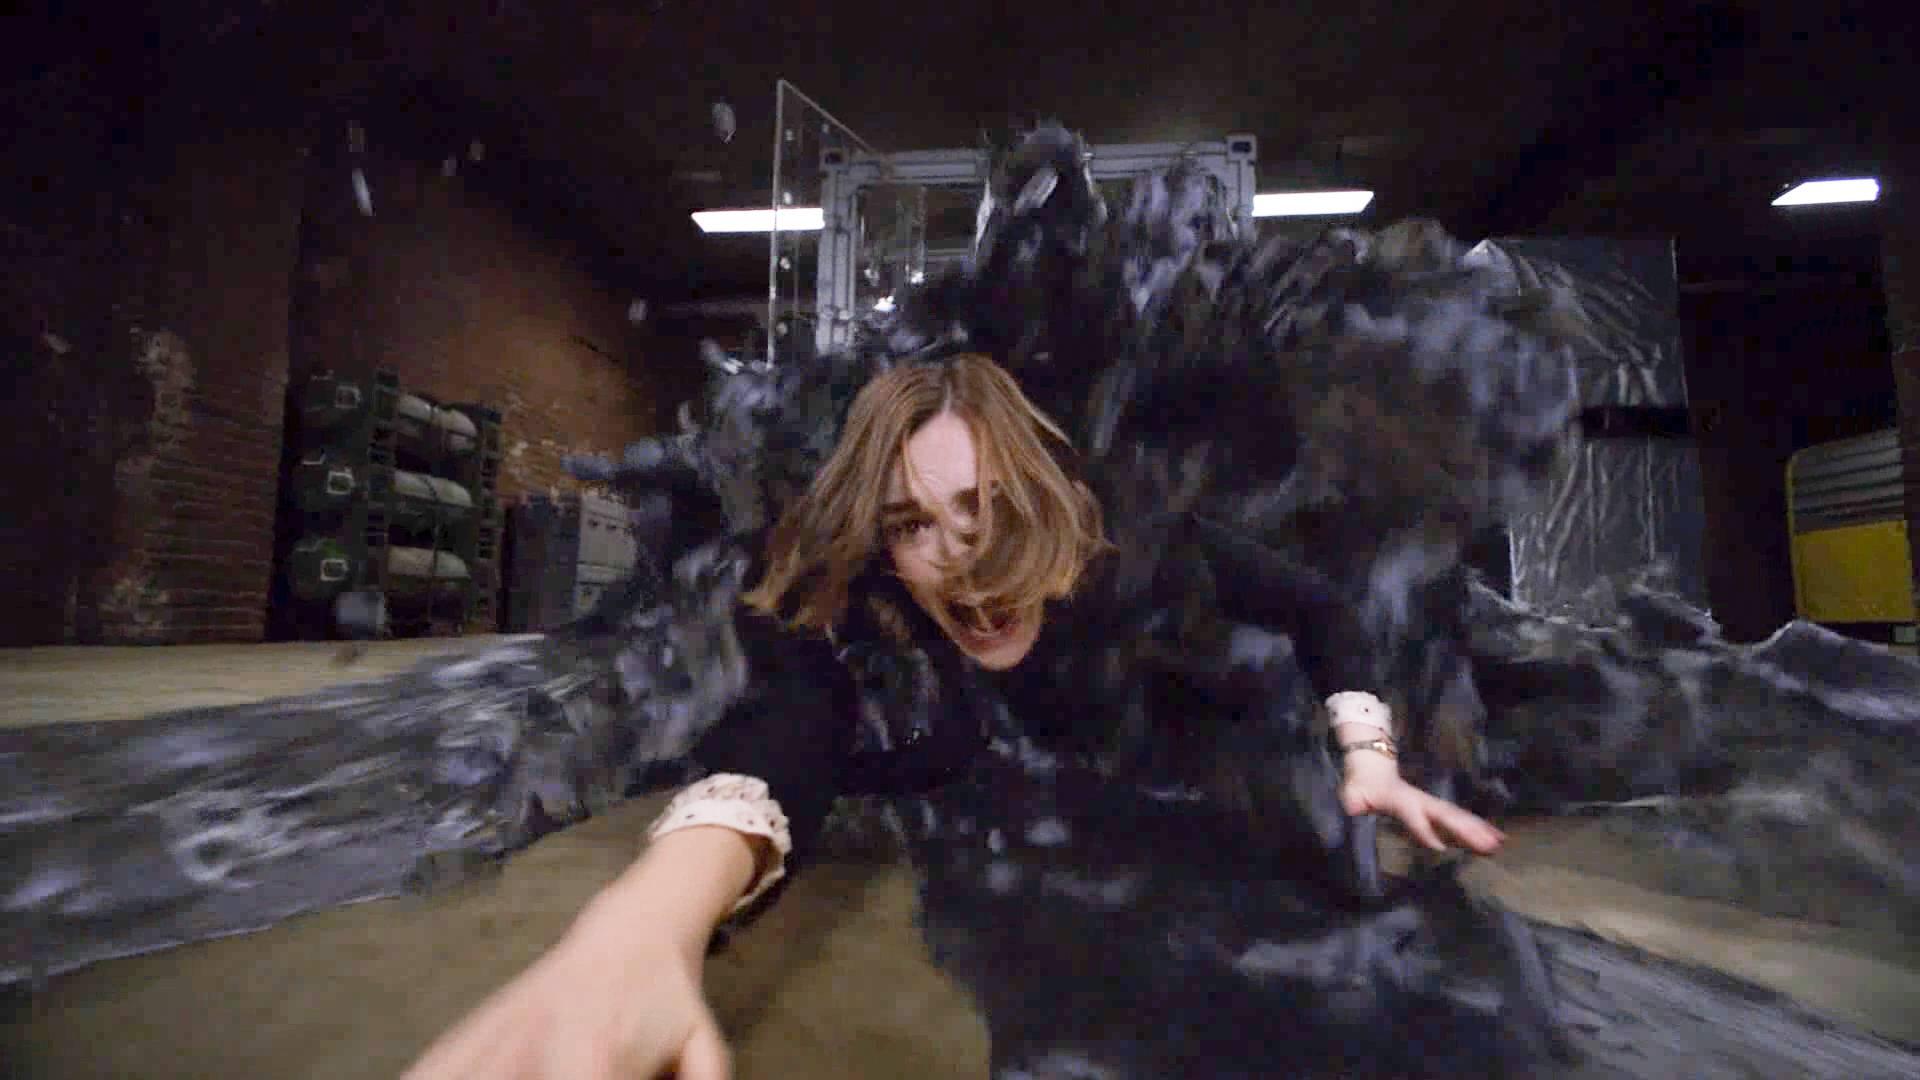 神盾局第二季大结局,西蒙斯被外星巨石抓走,从此下落不明